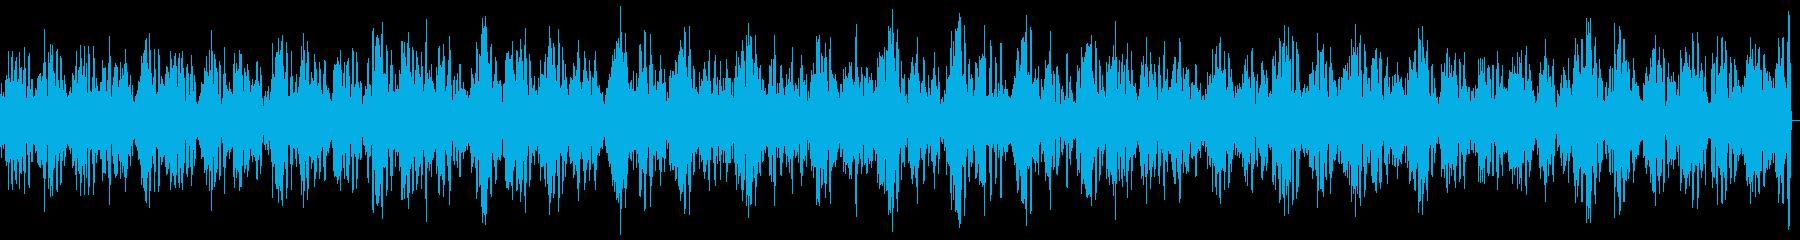 バイクのアイドリング(自動二輪の重低音)の再生済みの波形